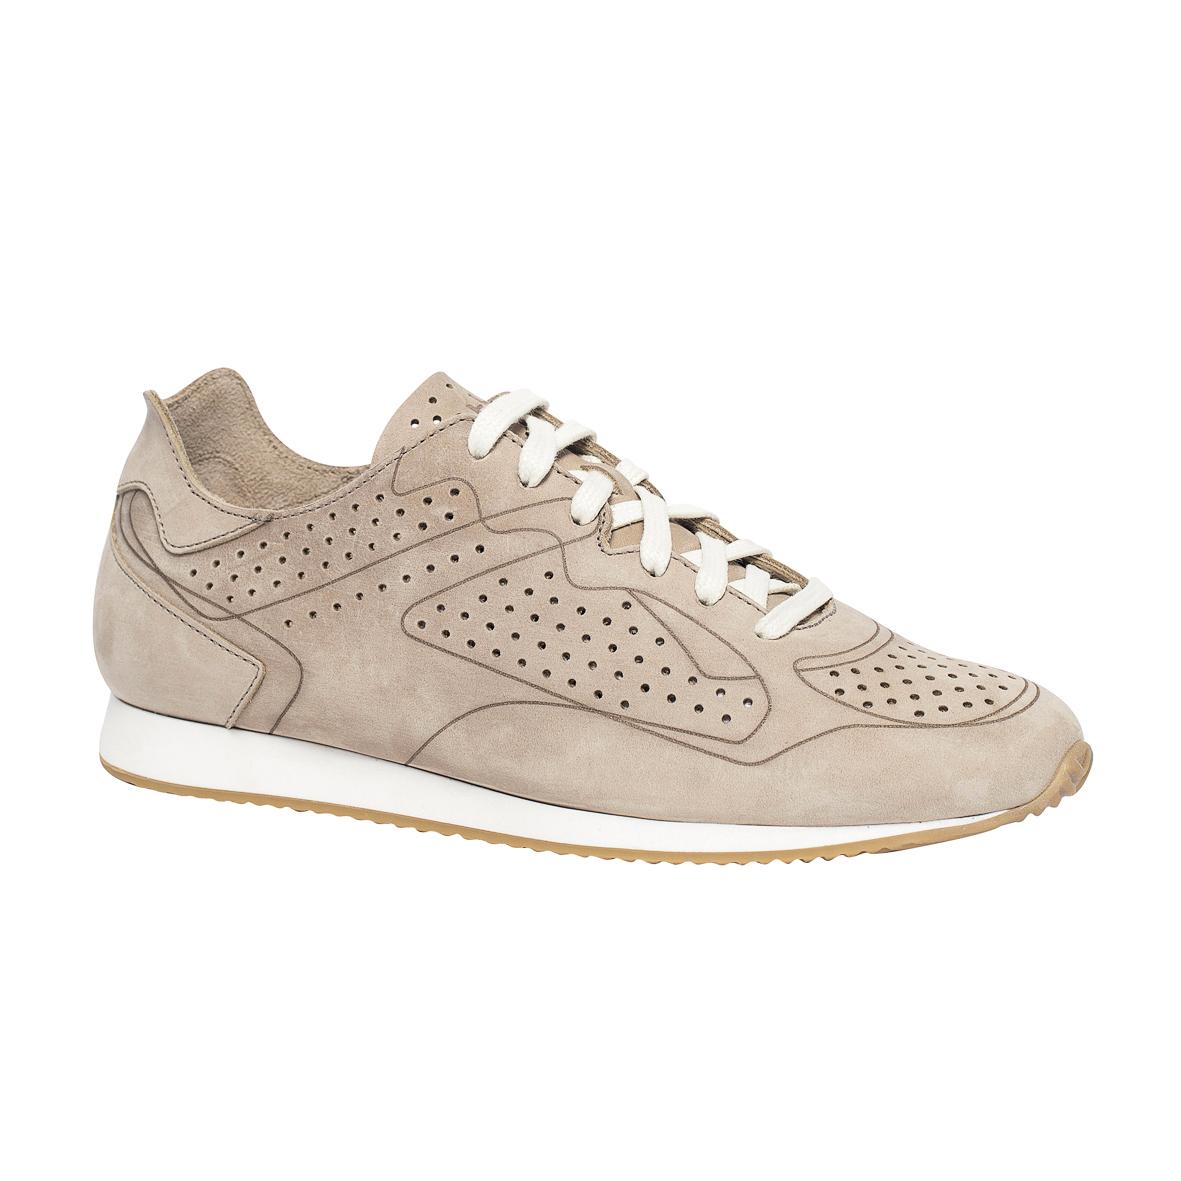 Кроссовки женские. BREAKY-5757BREAKY-5757Кожаные ботинки на шнуровке с узким мыском. Легкие и комфортные.